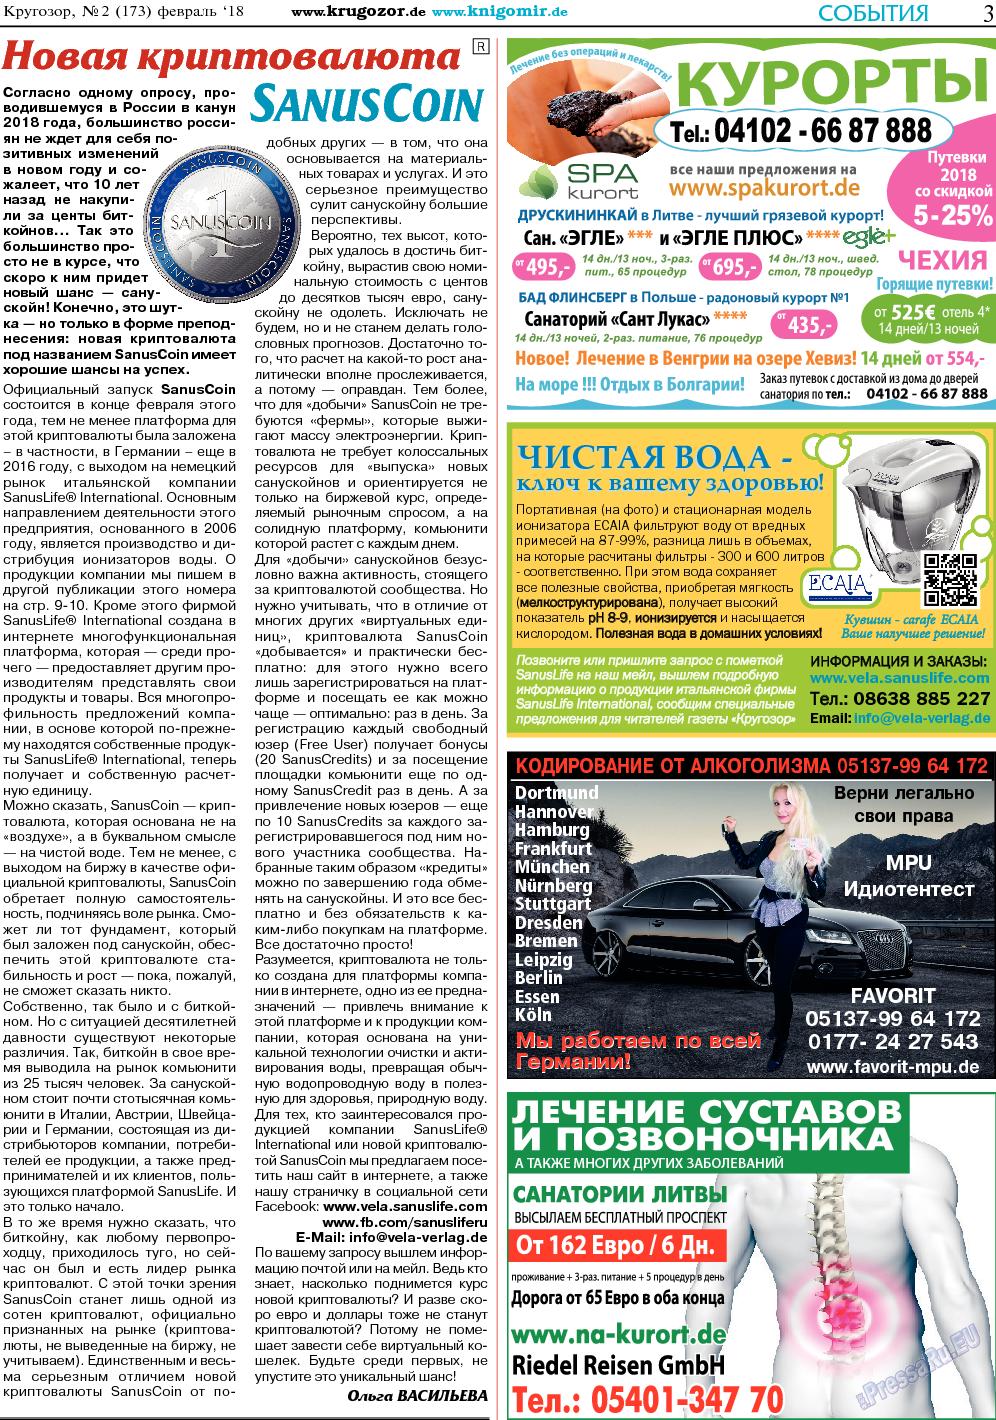 Кругозор (газета). 2018 год, номер 2, стр. 3